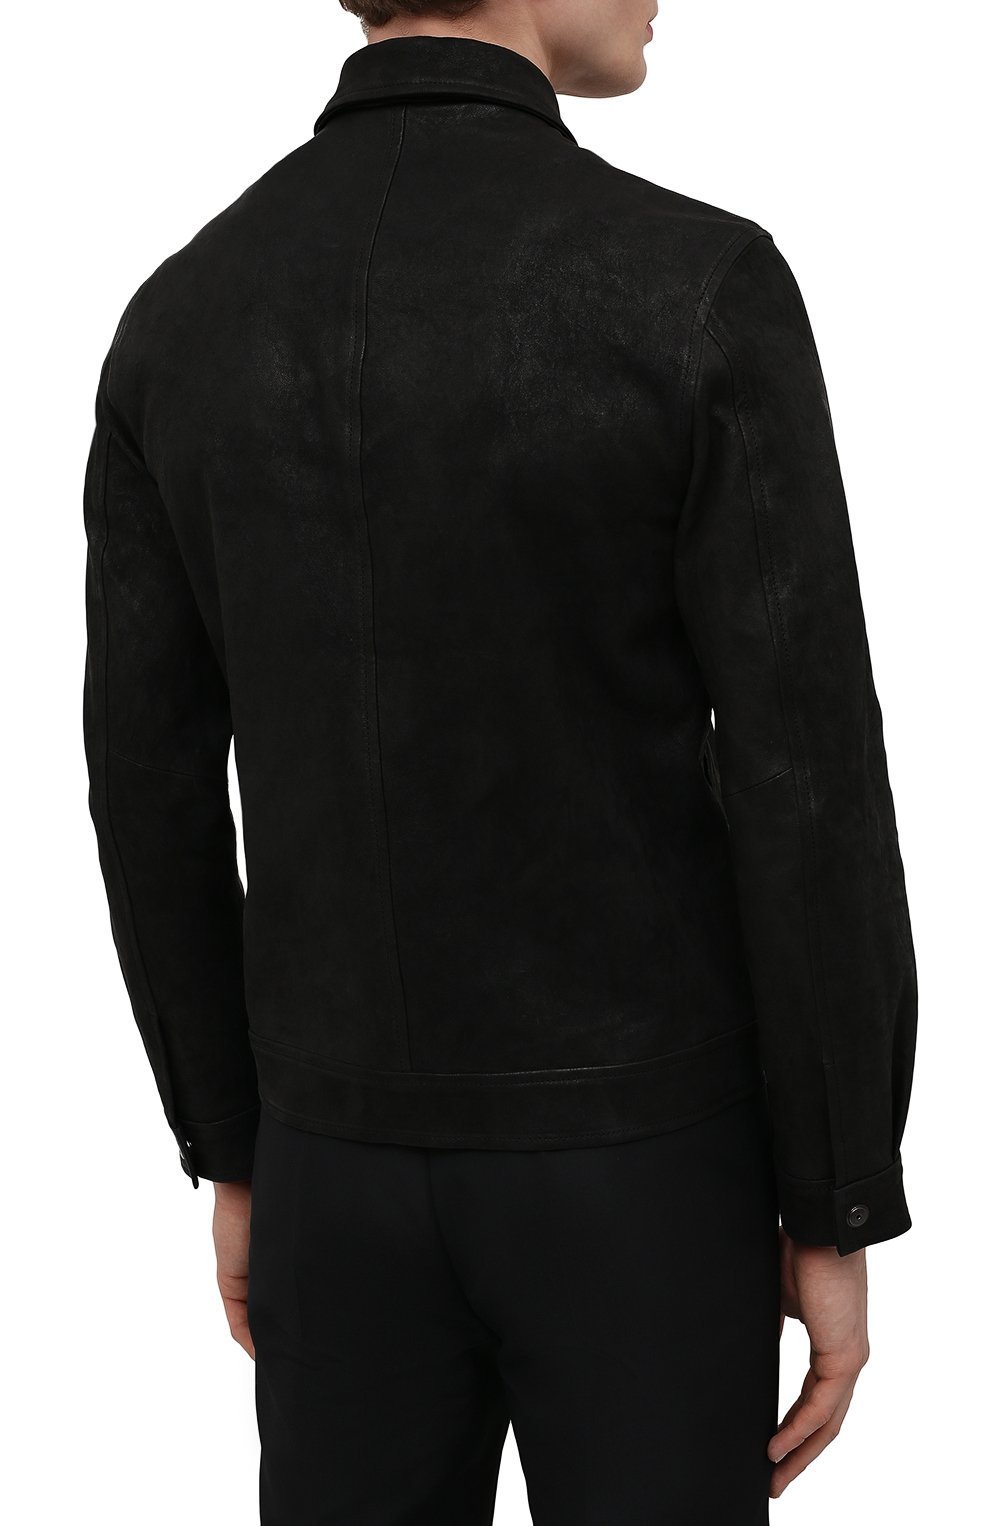 Мужская кожаная куртка GIORGIO BRATO черного цвета, арт. GU21S9808GMBH | Фото 4 (Кросс-КТ: Куртка; Рукава: Длинные; Стили: Гранж; Мужское Кросс-КТ: Кожа и замша; Длина (верхняя одежда): Короткие; Материал подклада: Хлопок)